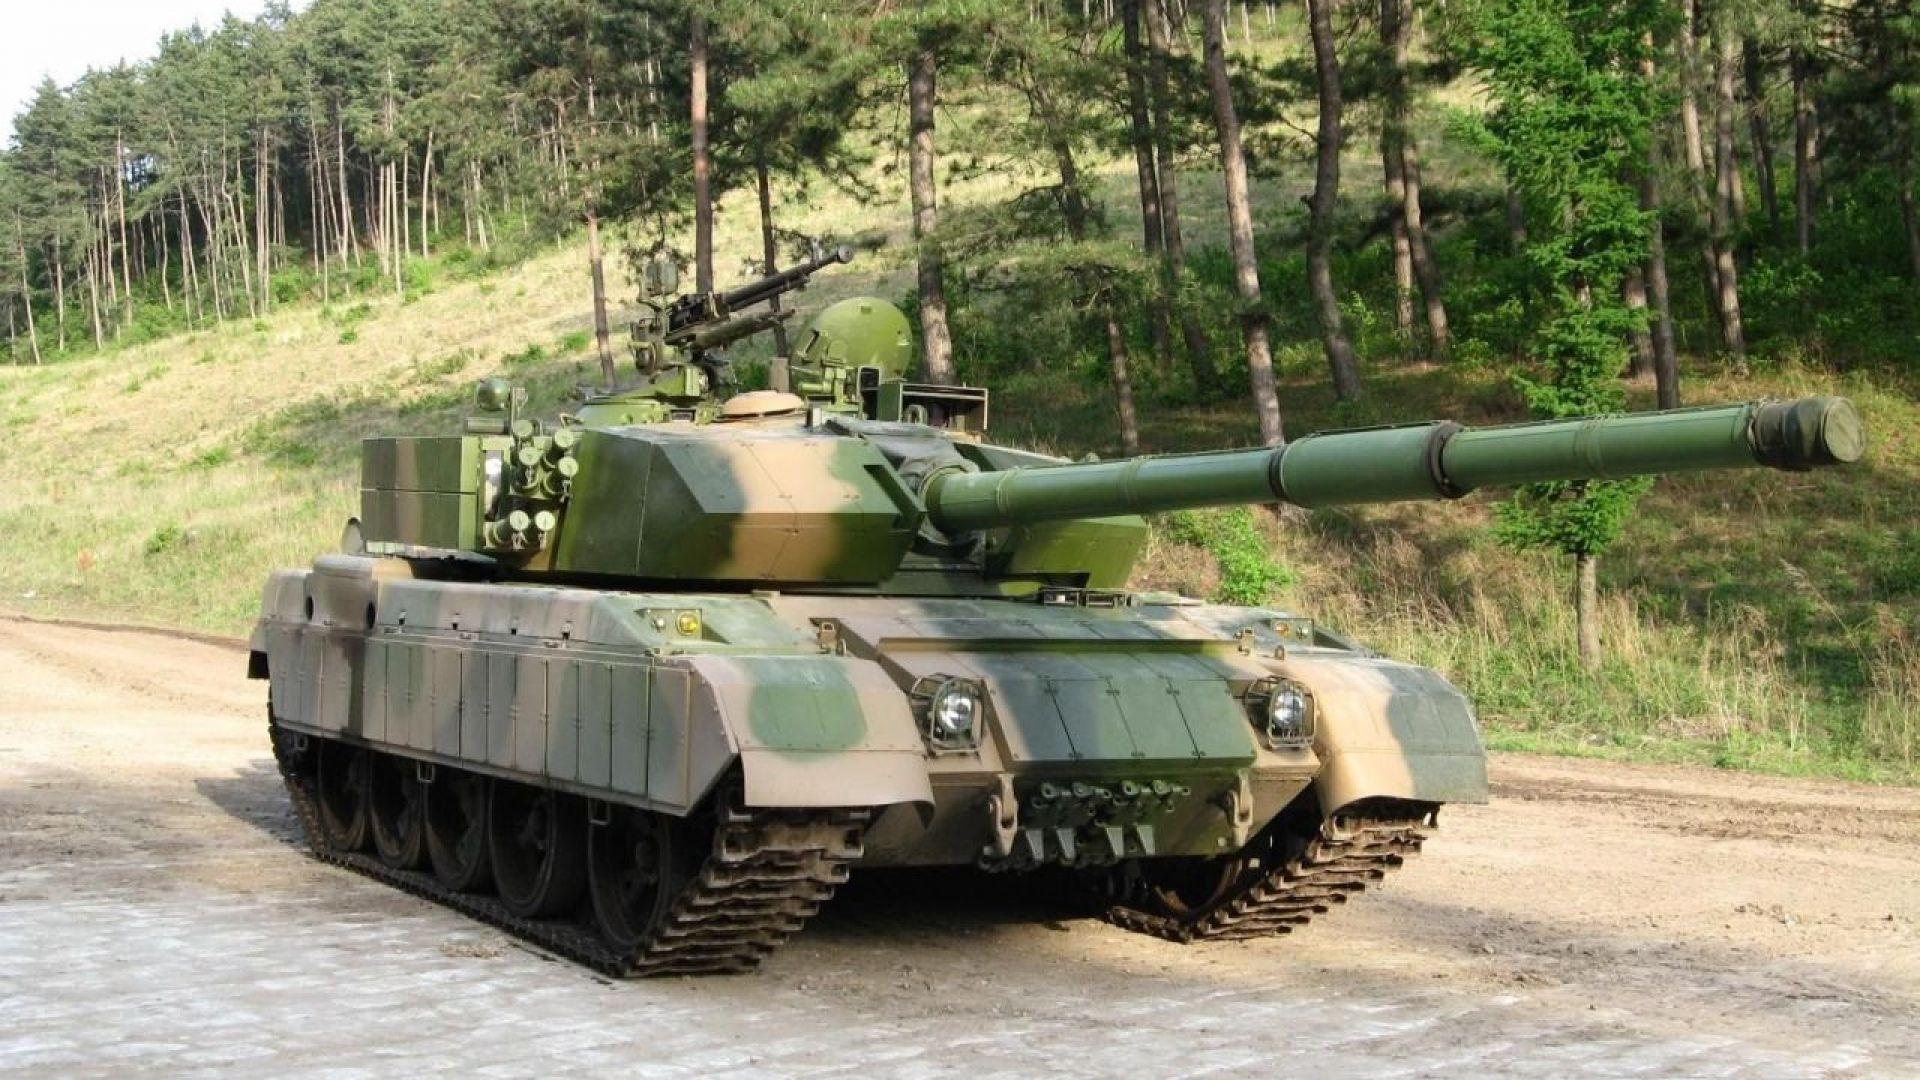 Китайците настъпват в Африка с копие на съветски танк от 50-те